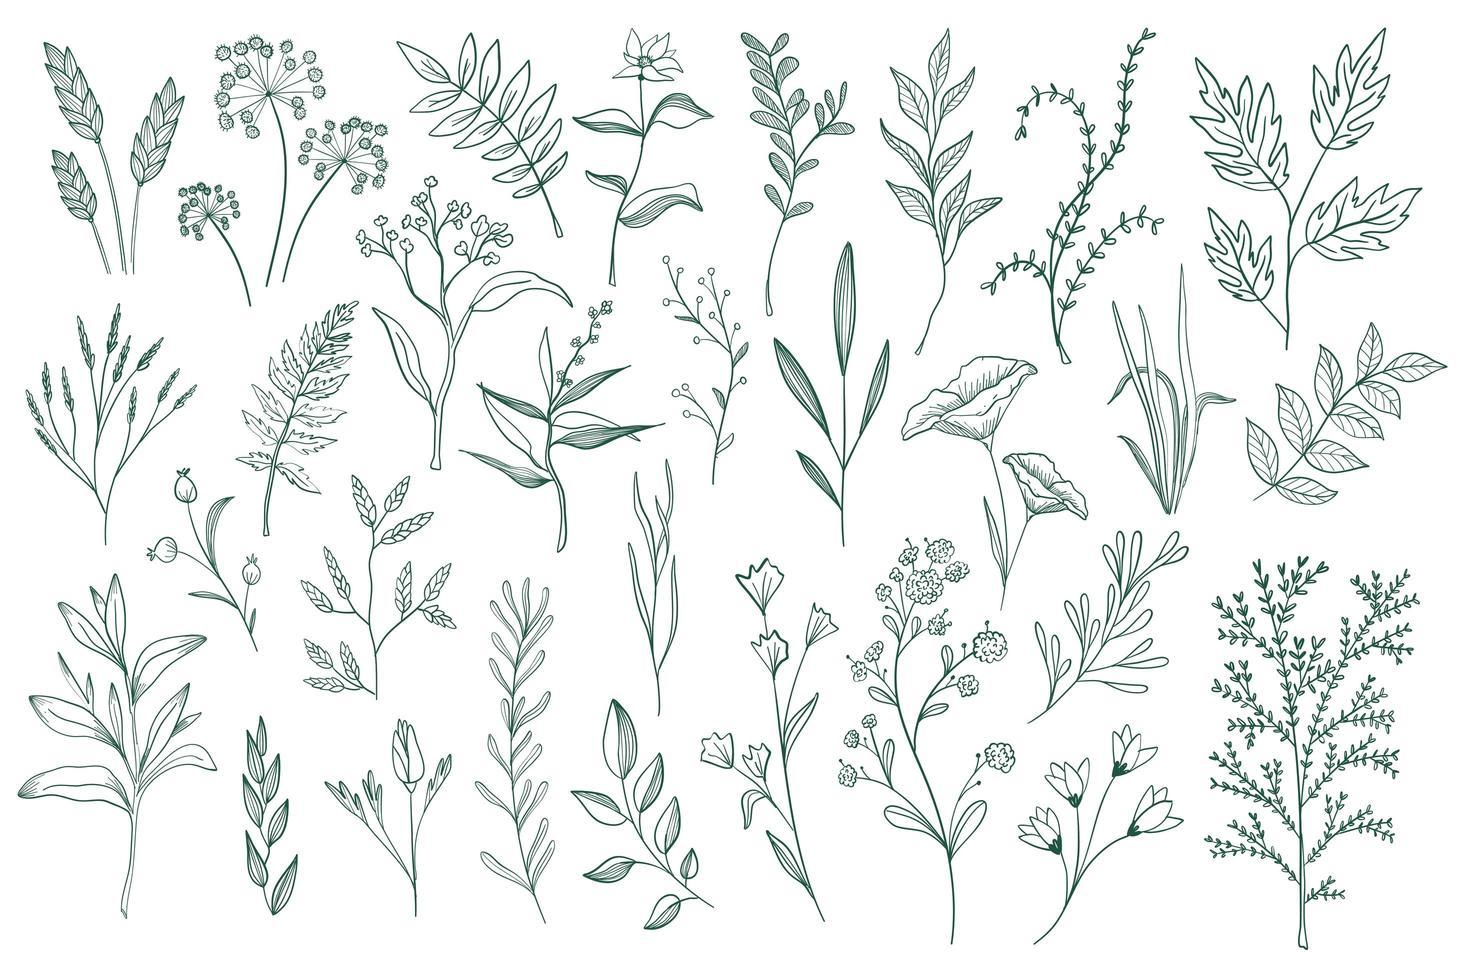 conjunto de elementos decorativos florales vector